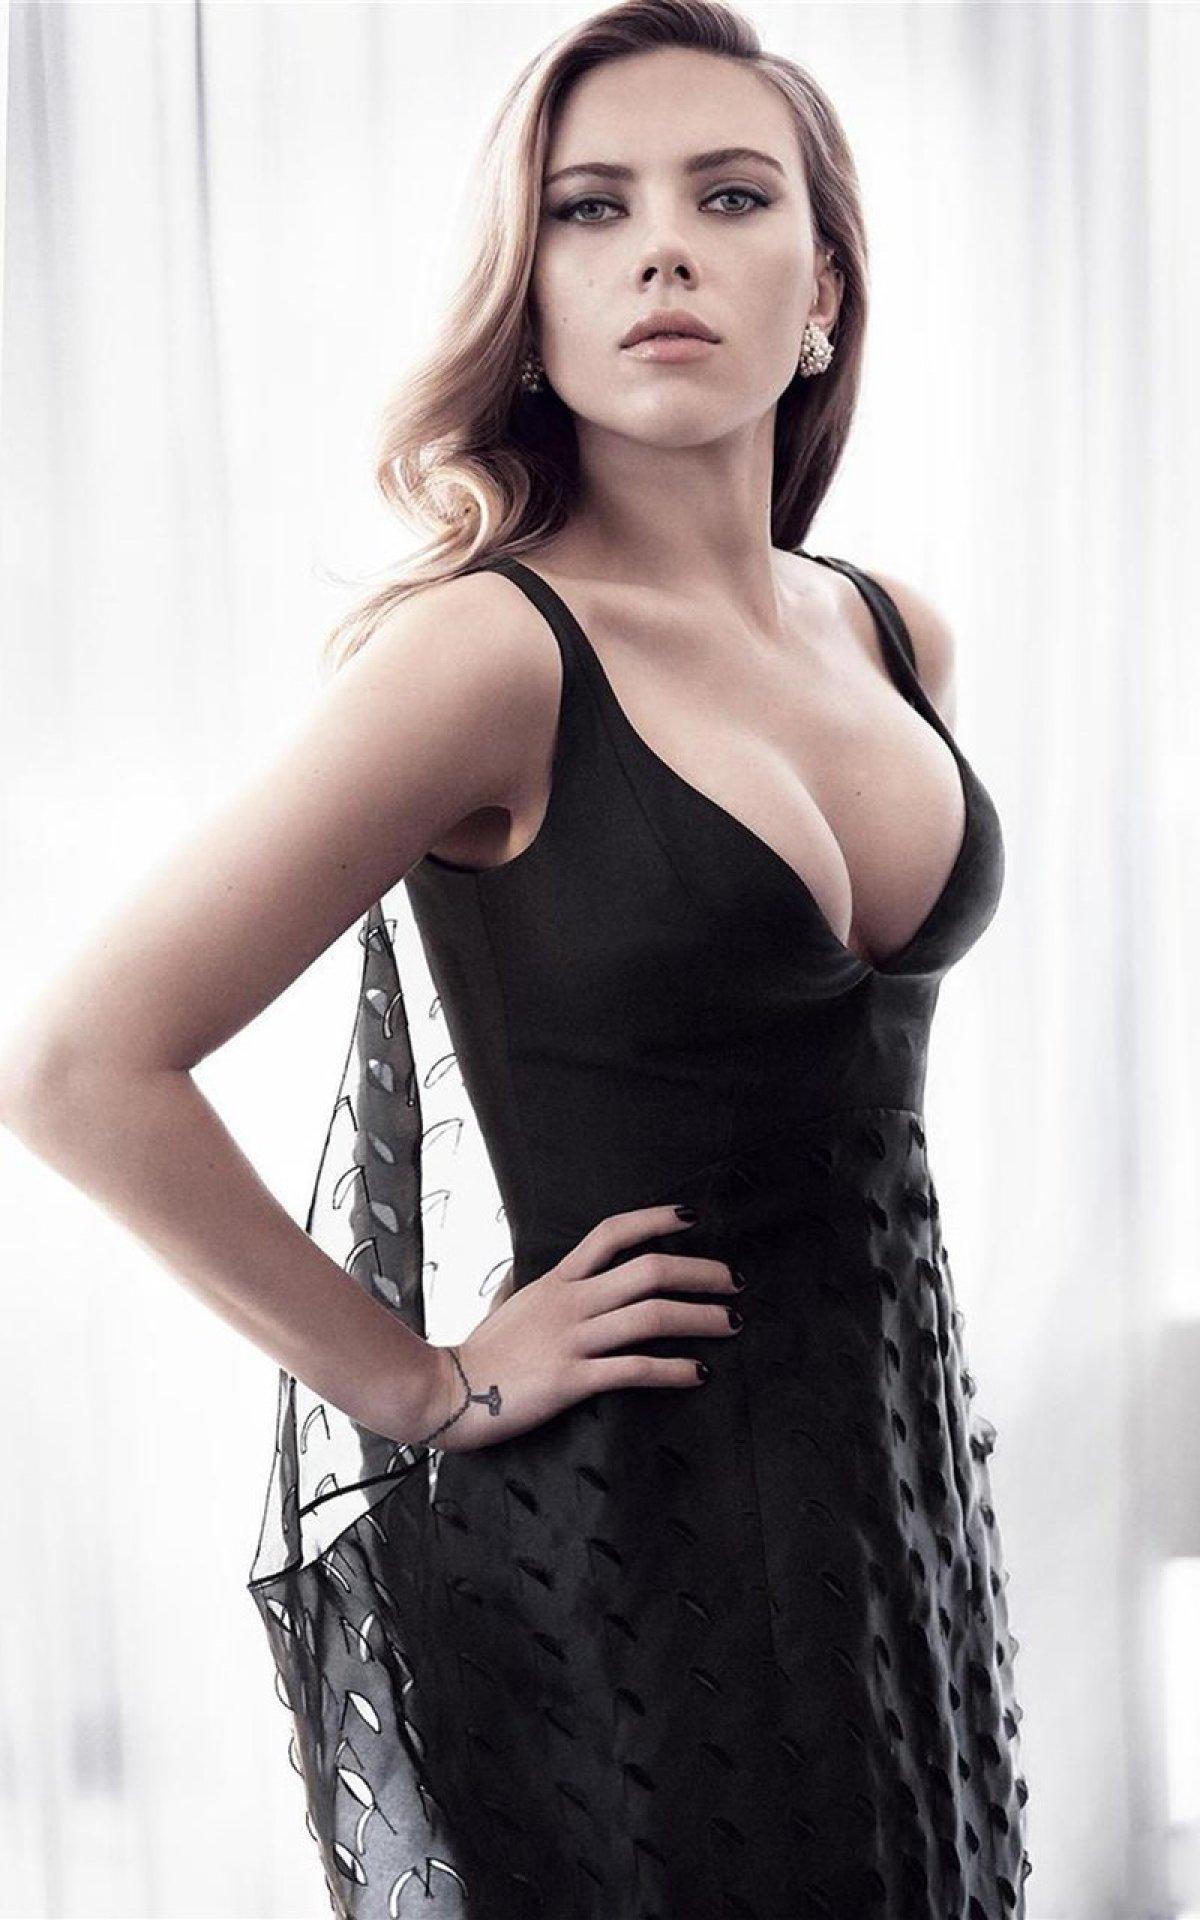 Scarlett Johansson Porn Photo - EPORNER